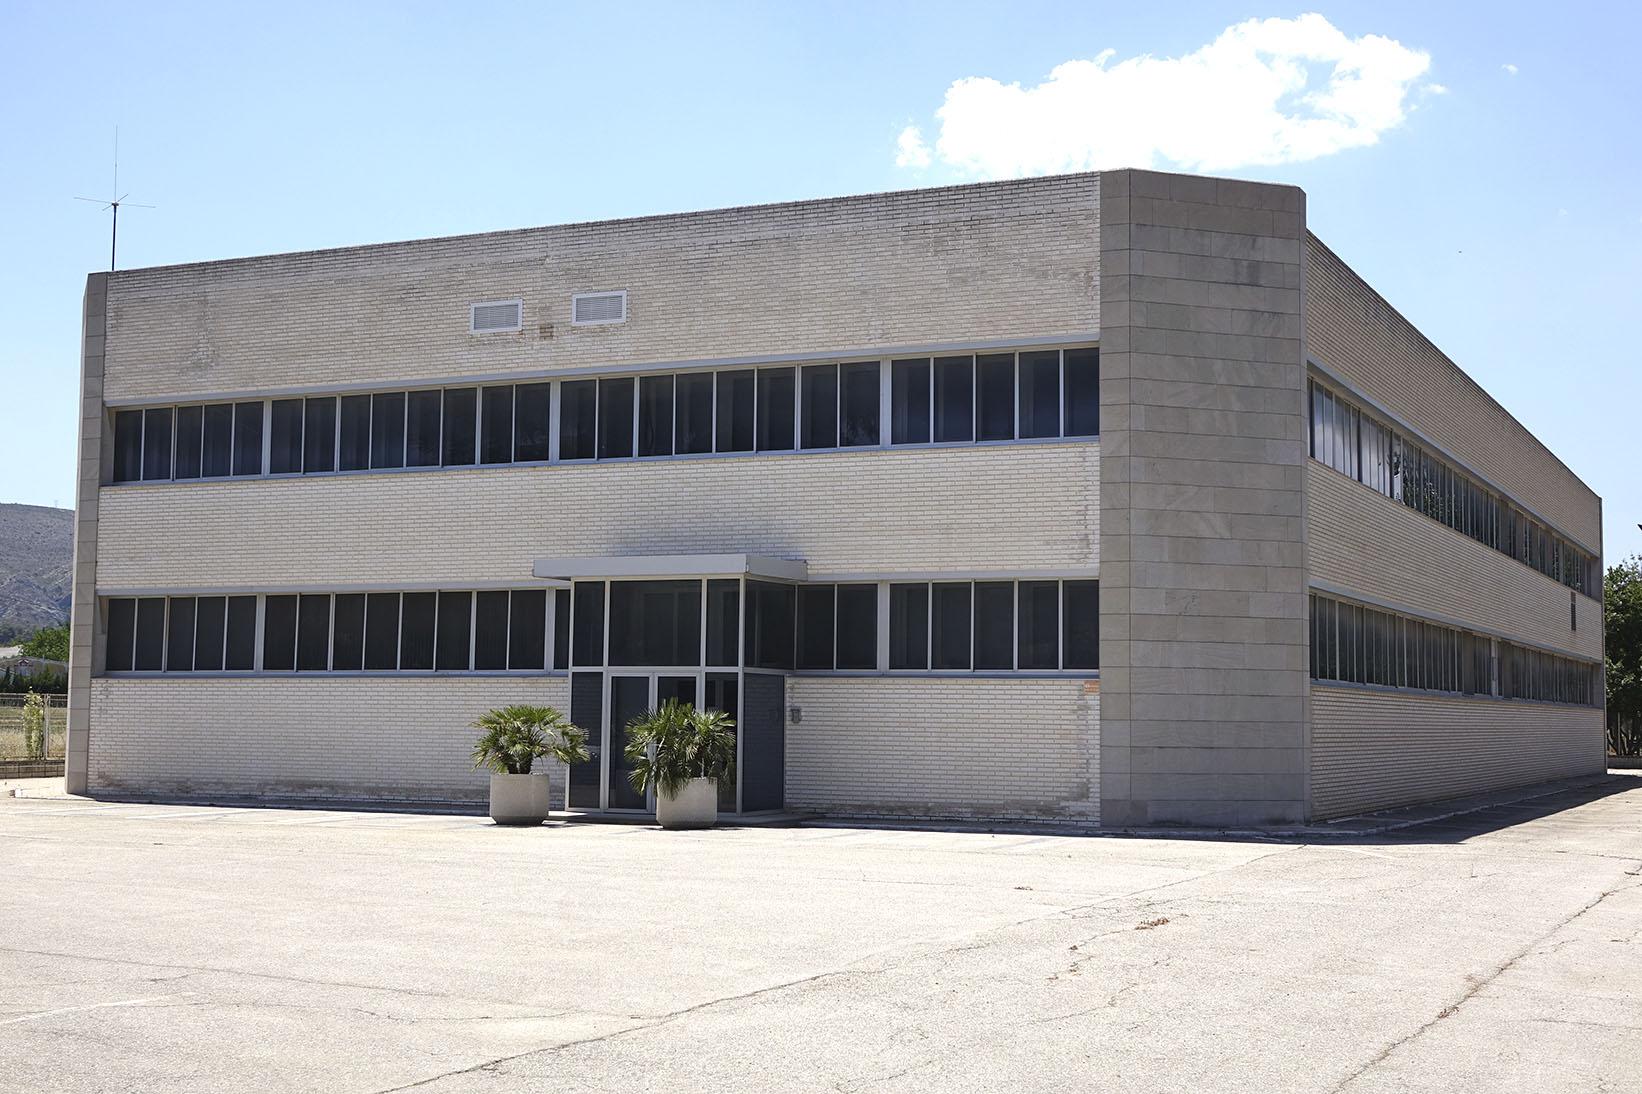 L'Ajuntament trau a concurs públic l'ubicació del nou Palau de Justícia El Periòdic d'Ontinyent